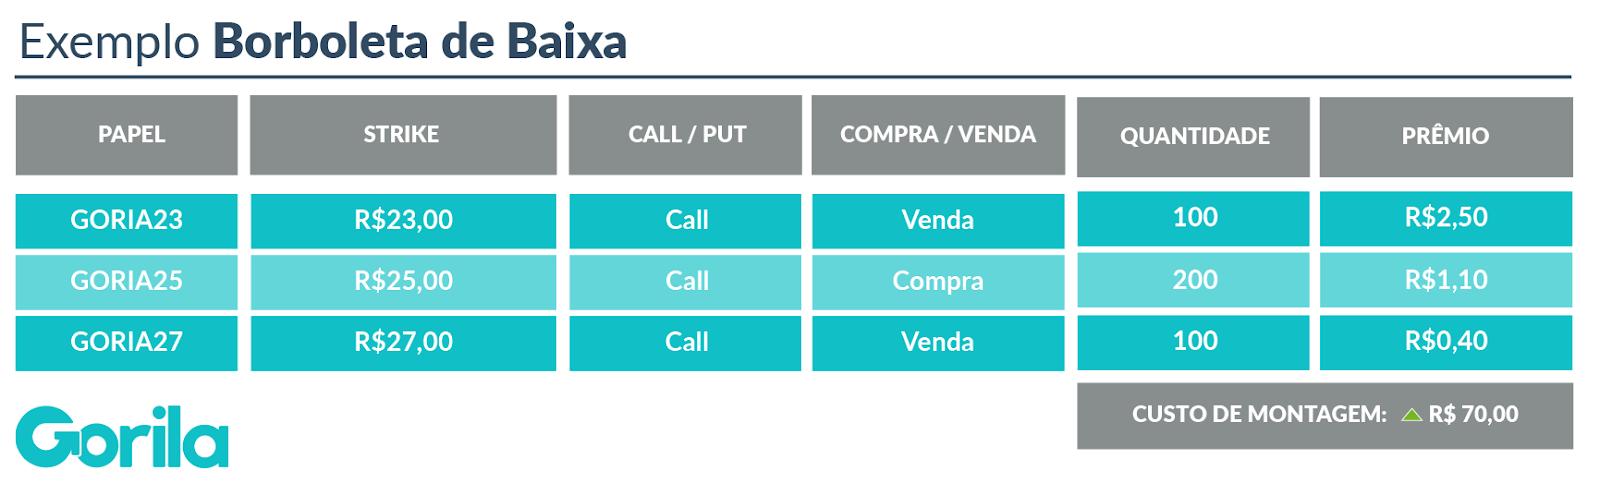 Mercado de Opções: Exemplo Borboleta de Baixa